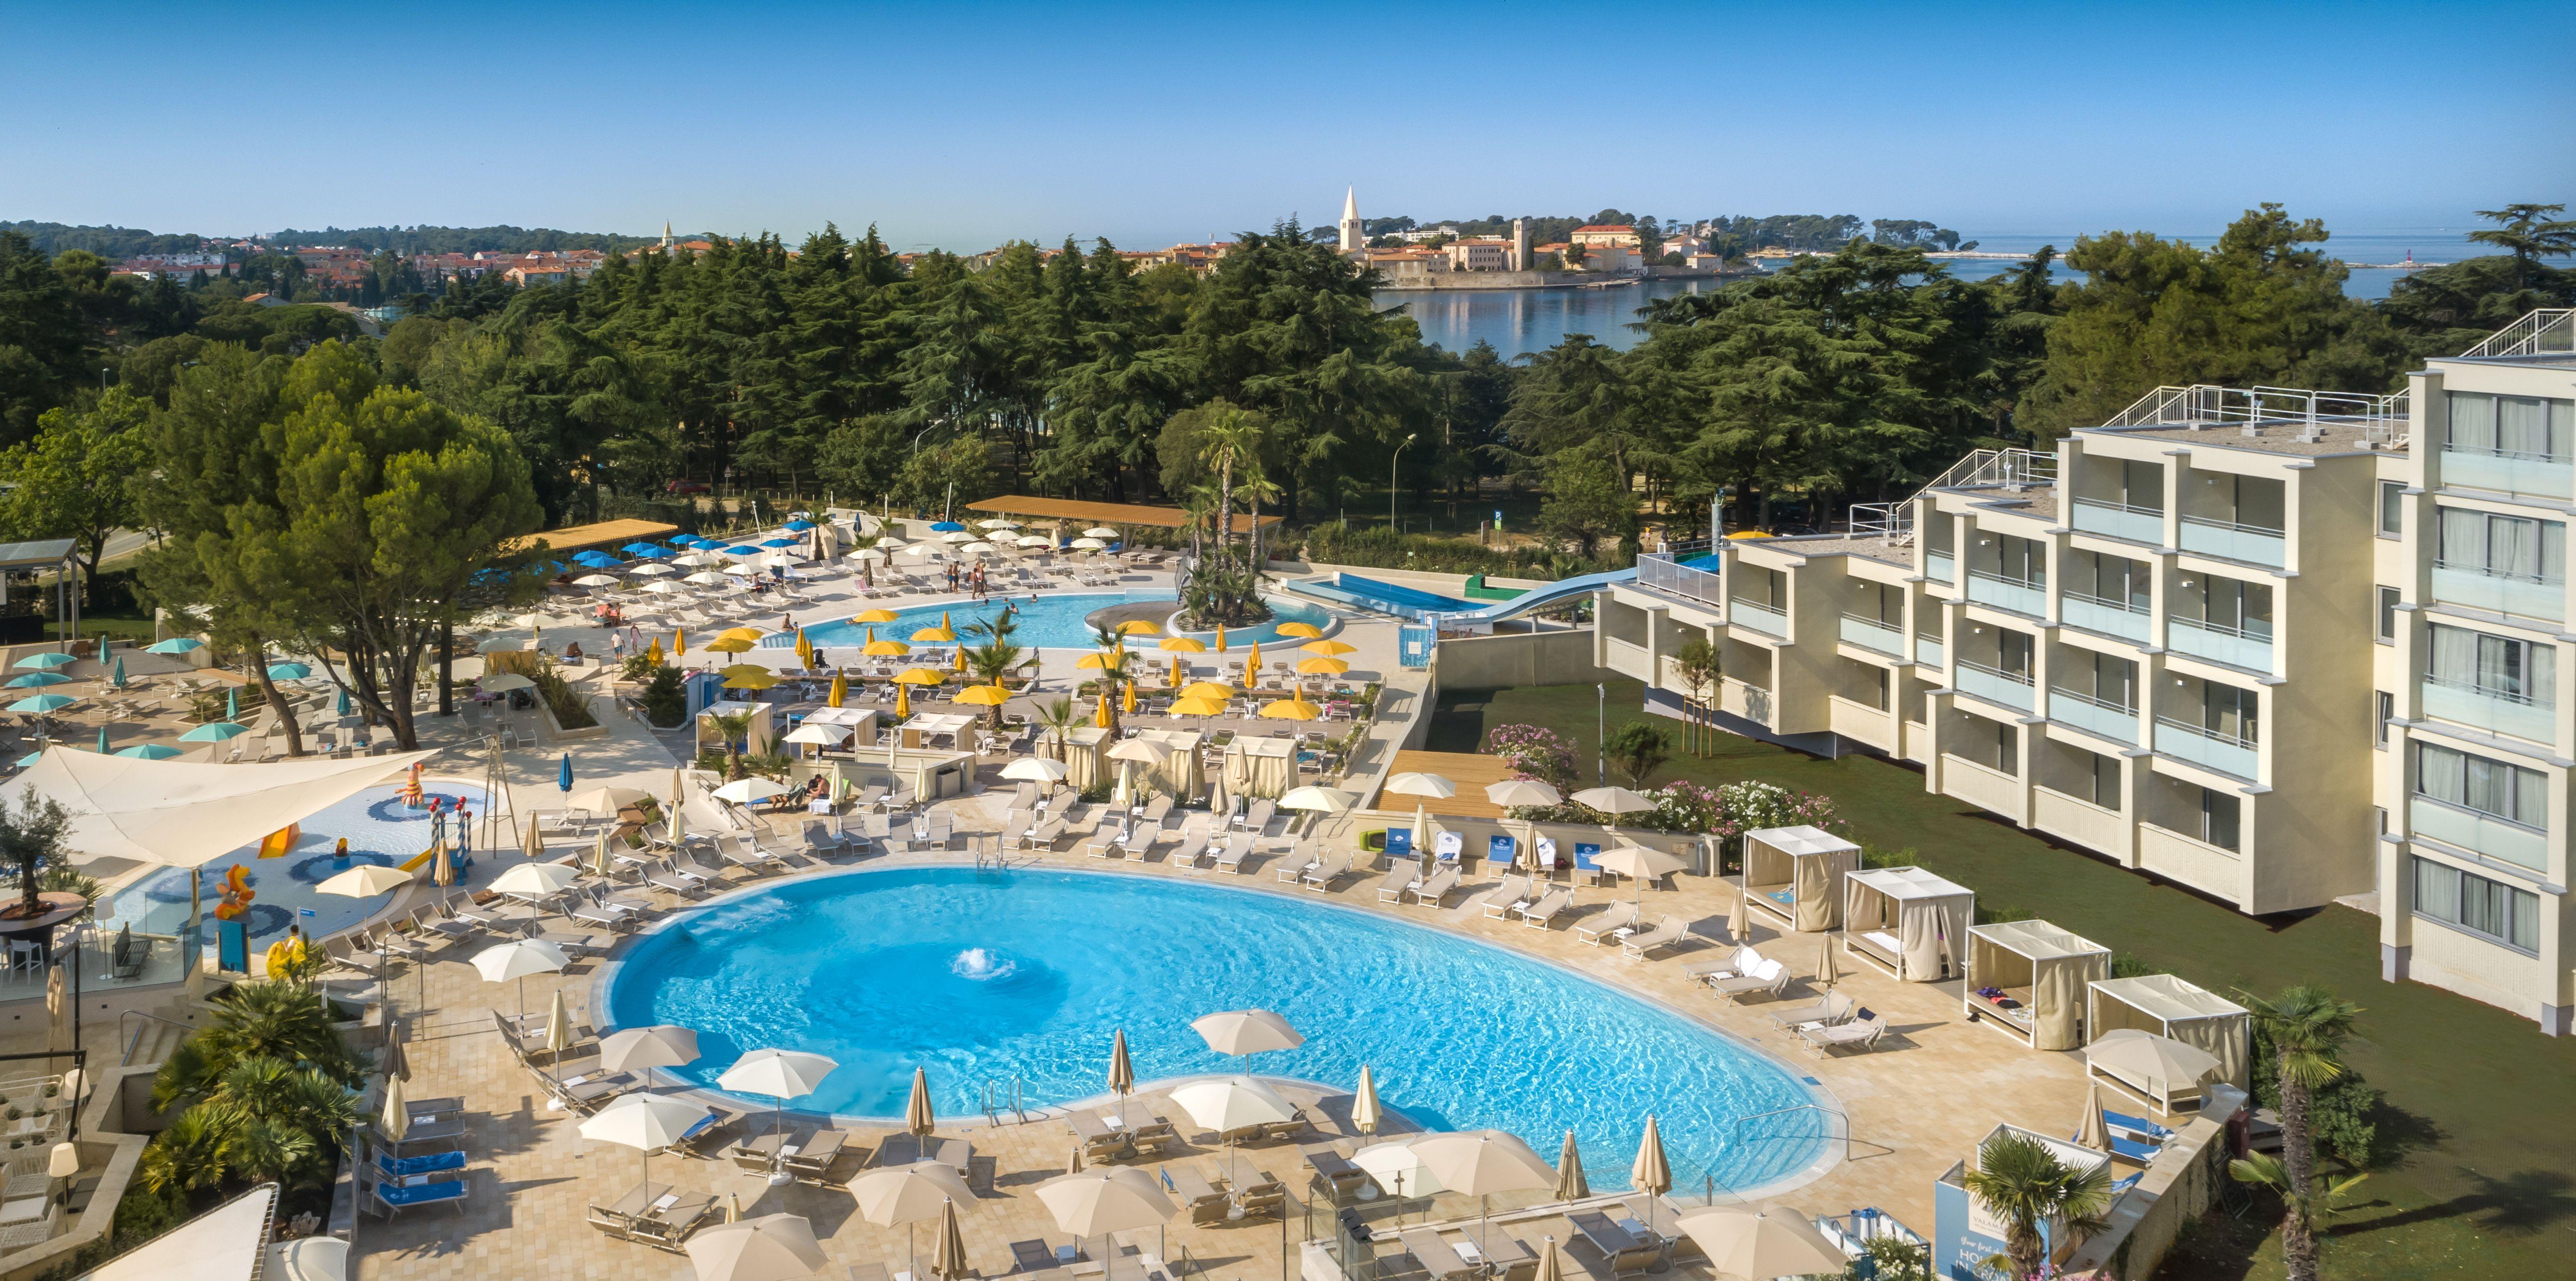 Obiteljska oaza uz more u Poreču: Valamar Parentino Hotel